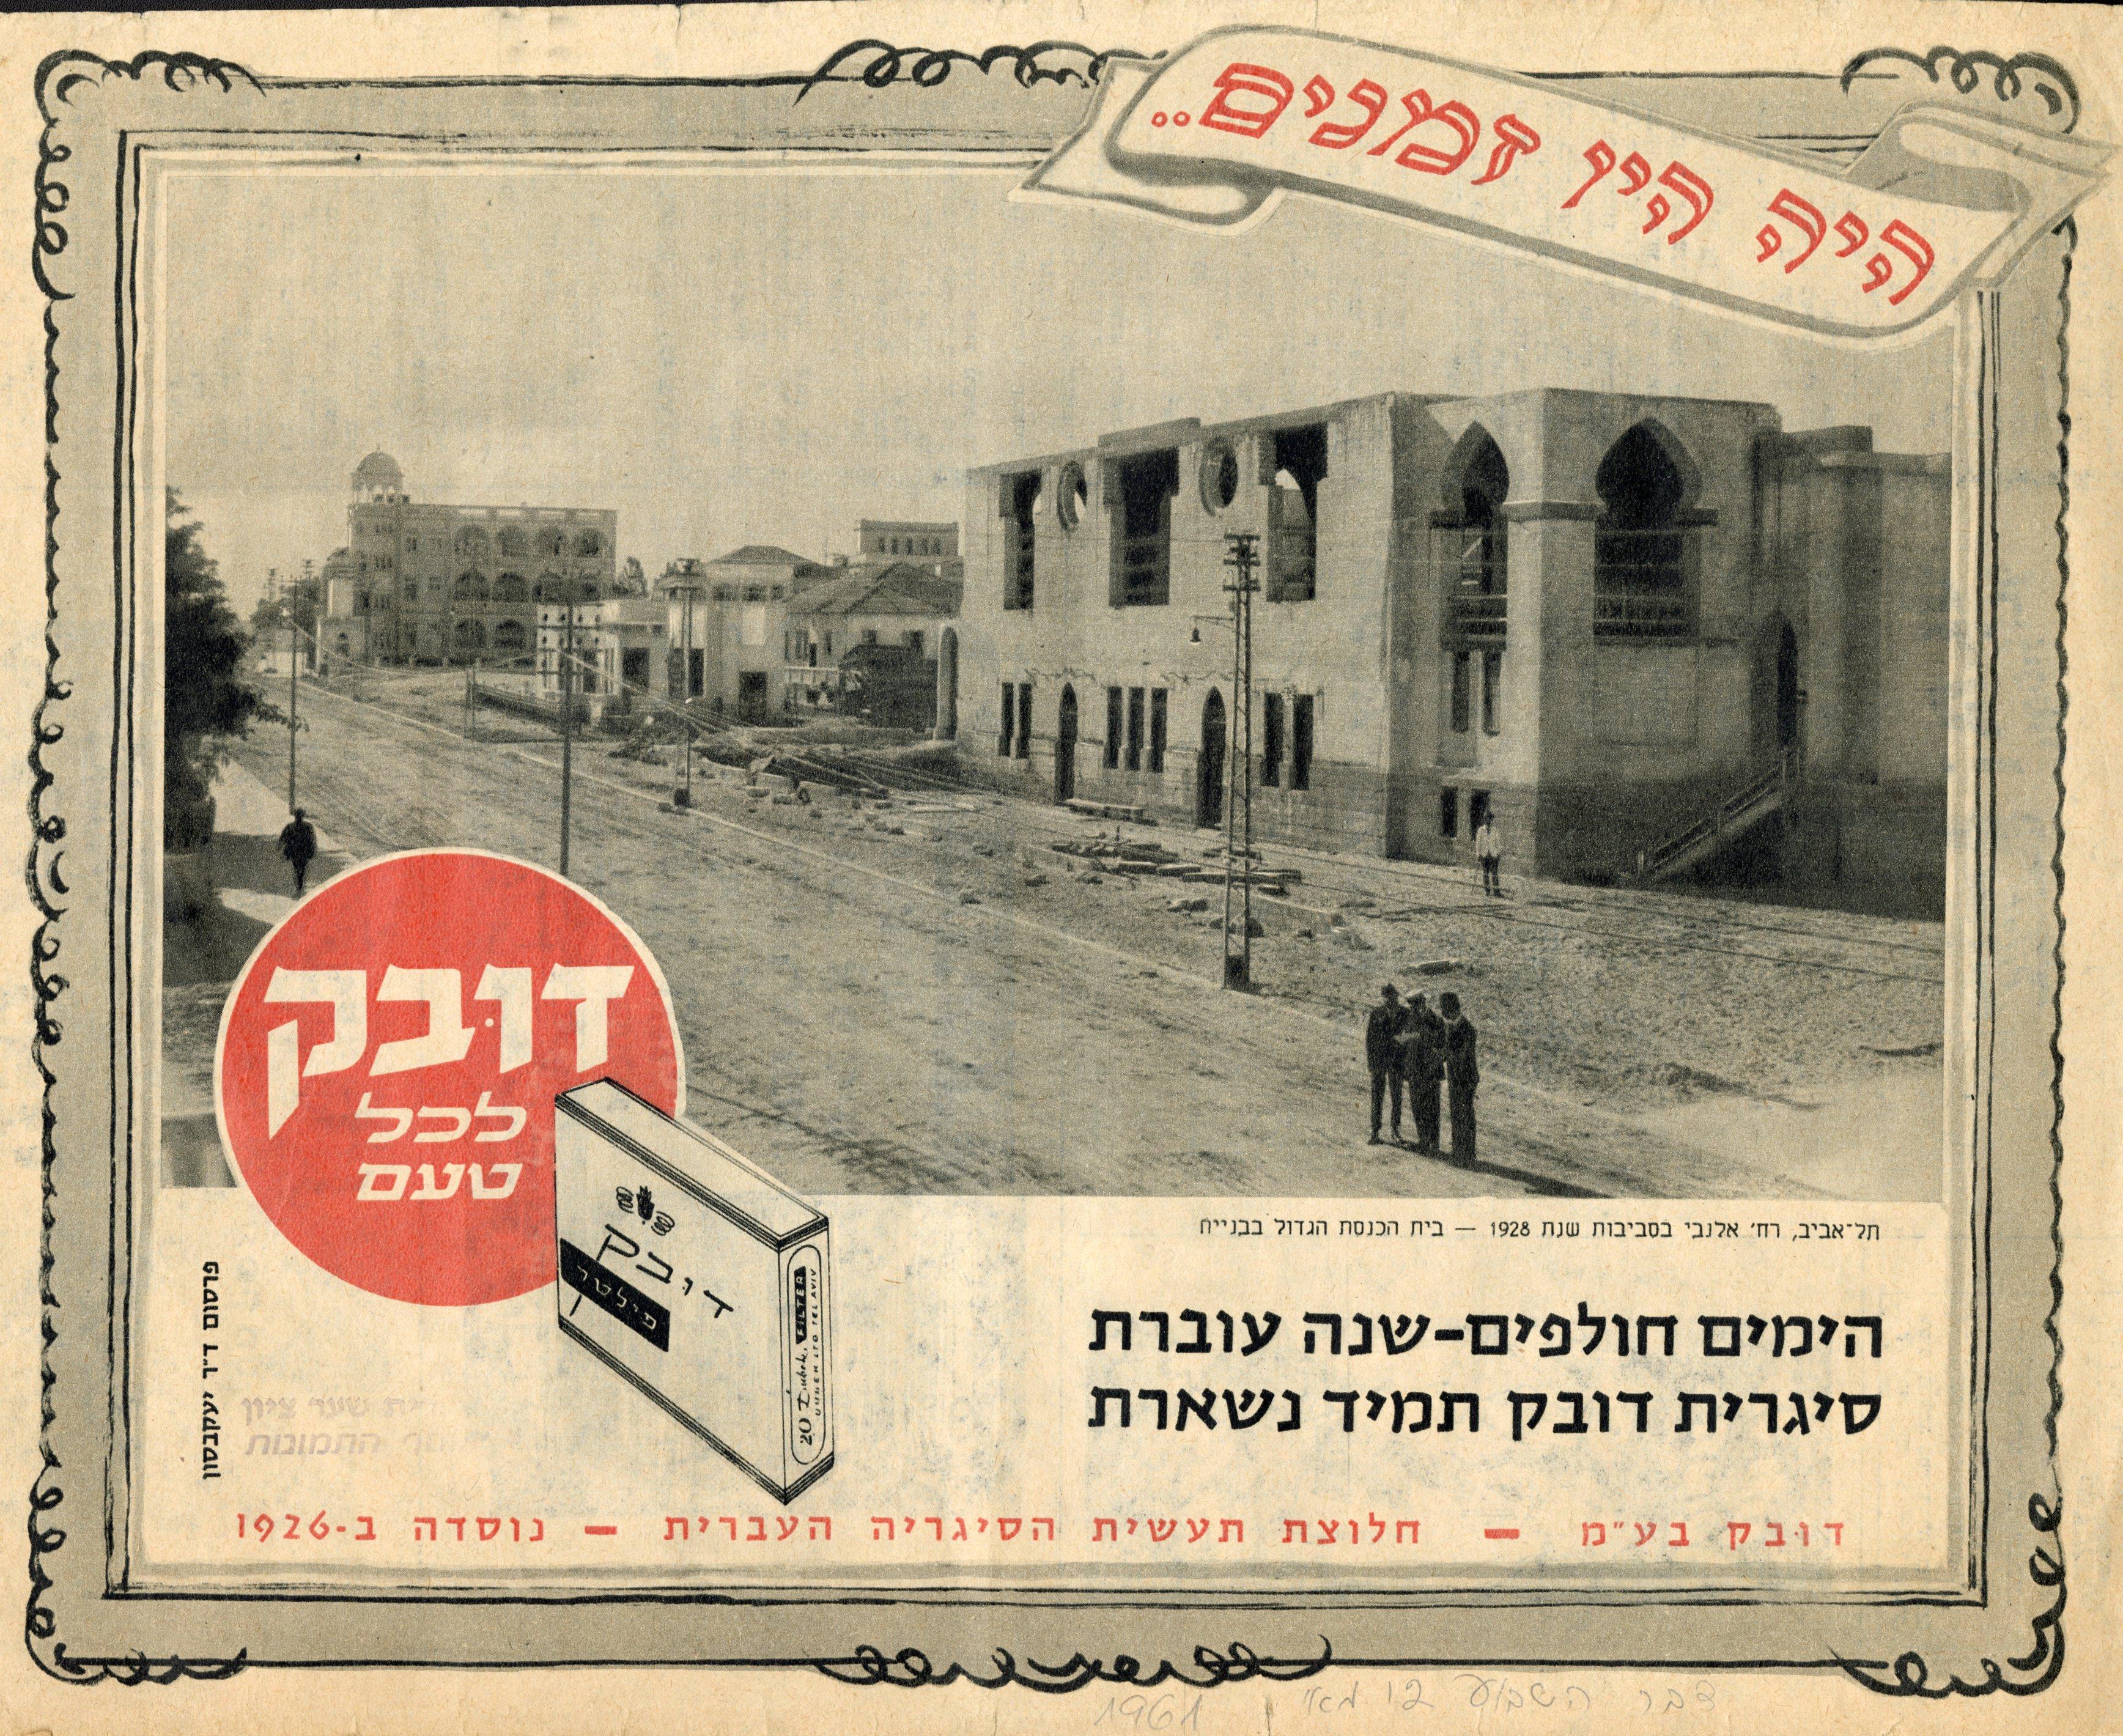 פרסומת לסיגריות דובק צילום בית הכנסת הגדול בבניה 1928 דבר השבוע 12 מאי 1961